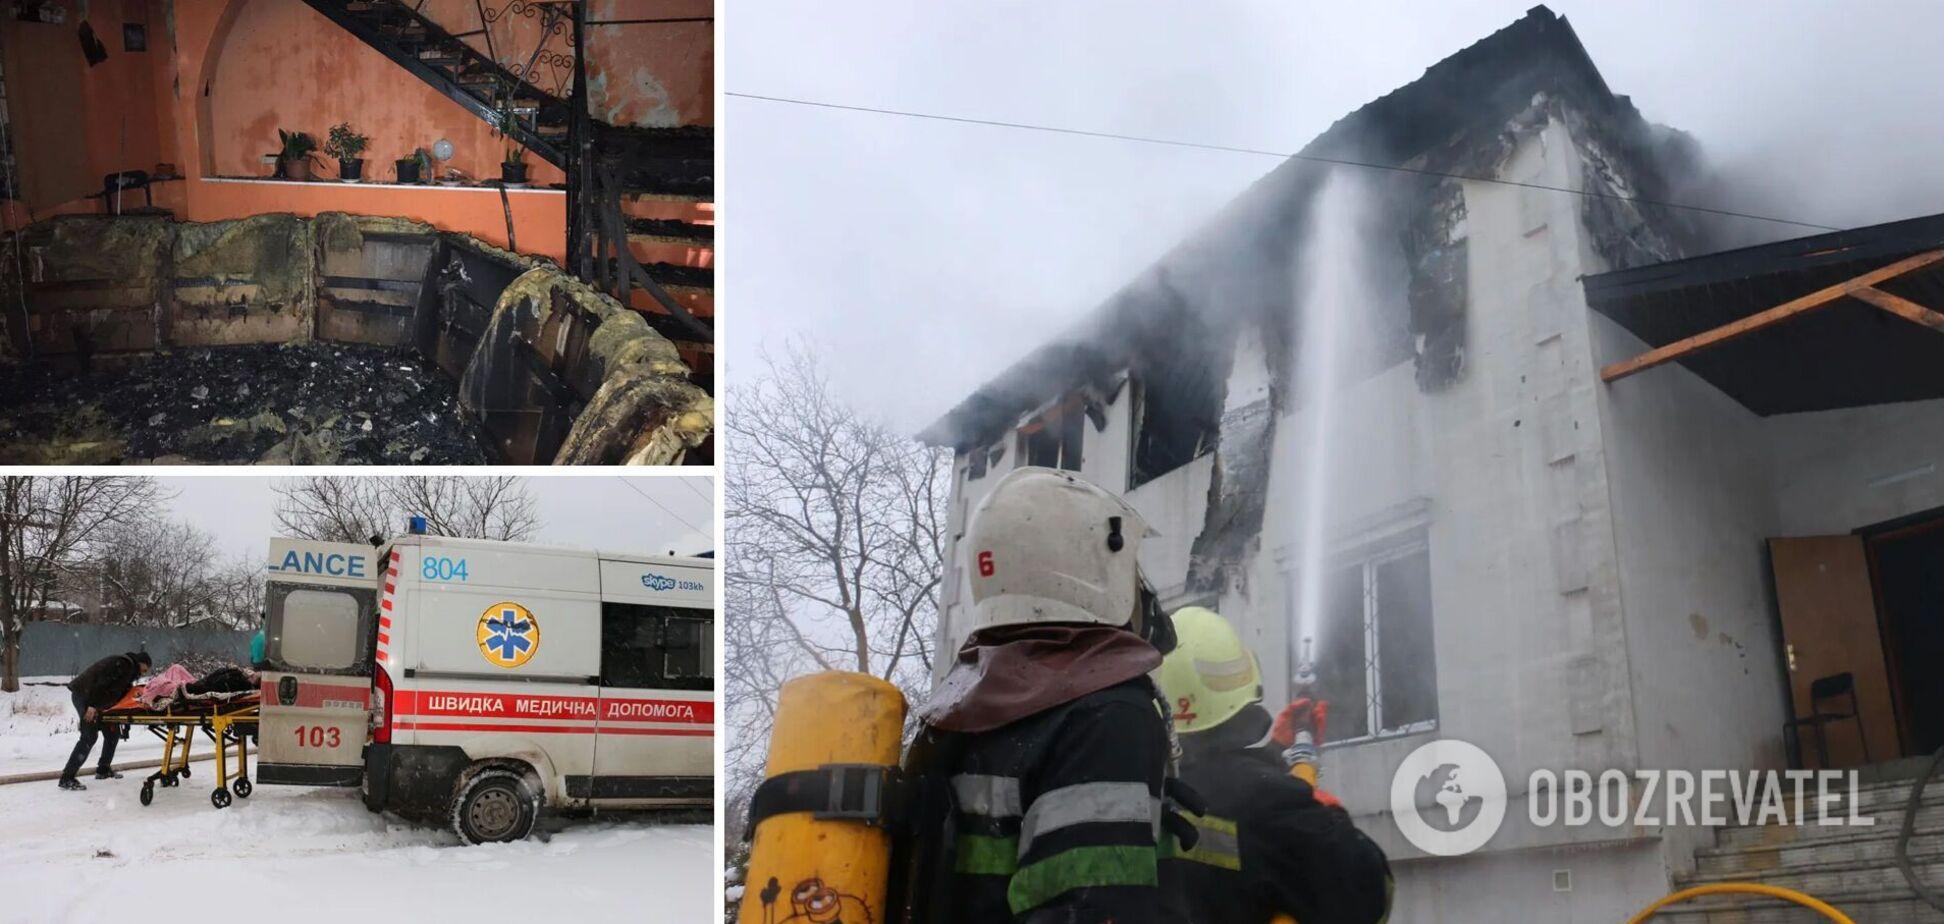 Харків потрясла трагедія з 15 жертвами: як почалася пожежа і чим відомий власник будинку для літніх людей